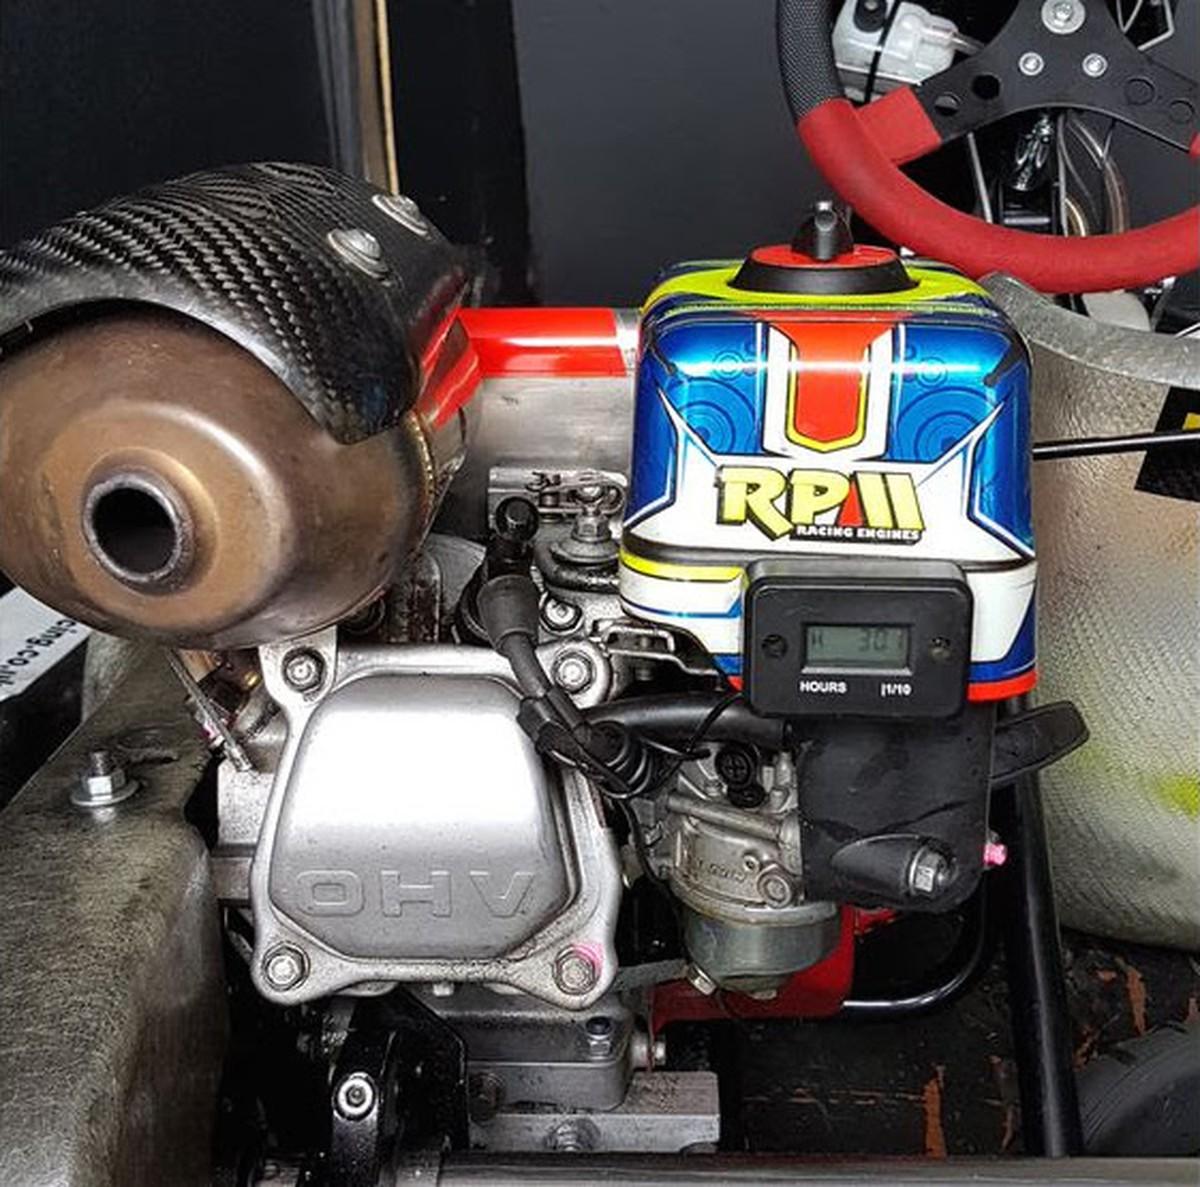 Gx160 rpm SP Honda Cadet 7 1 mean 7 3 hp